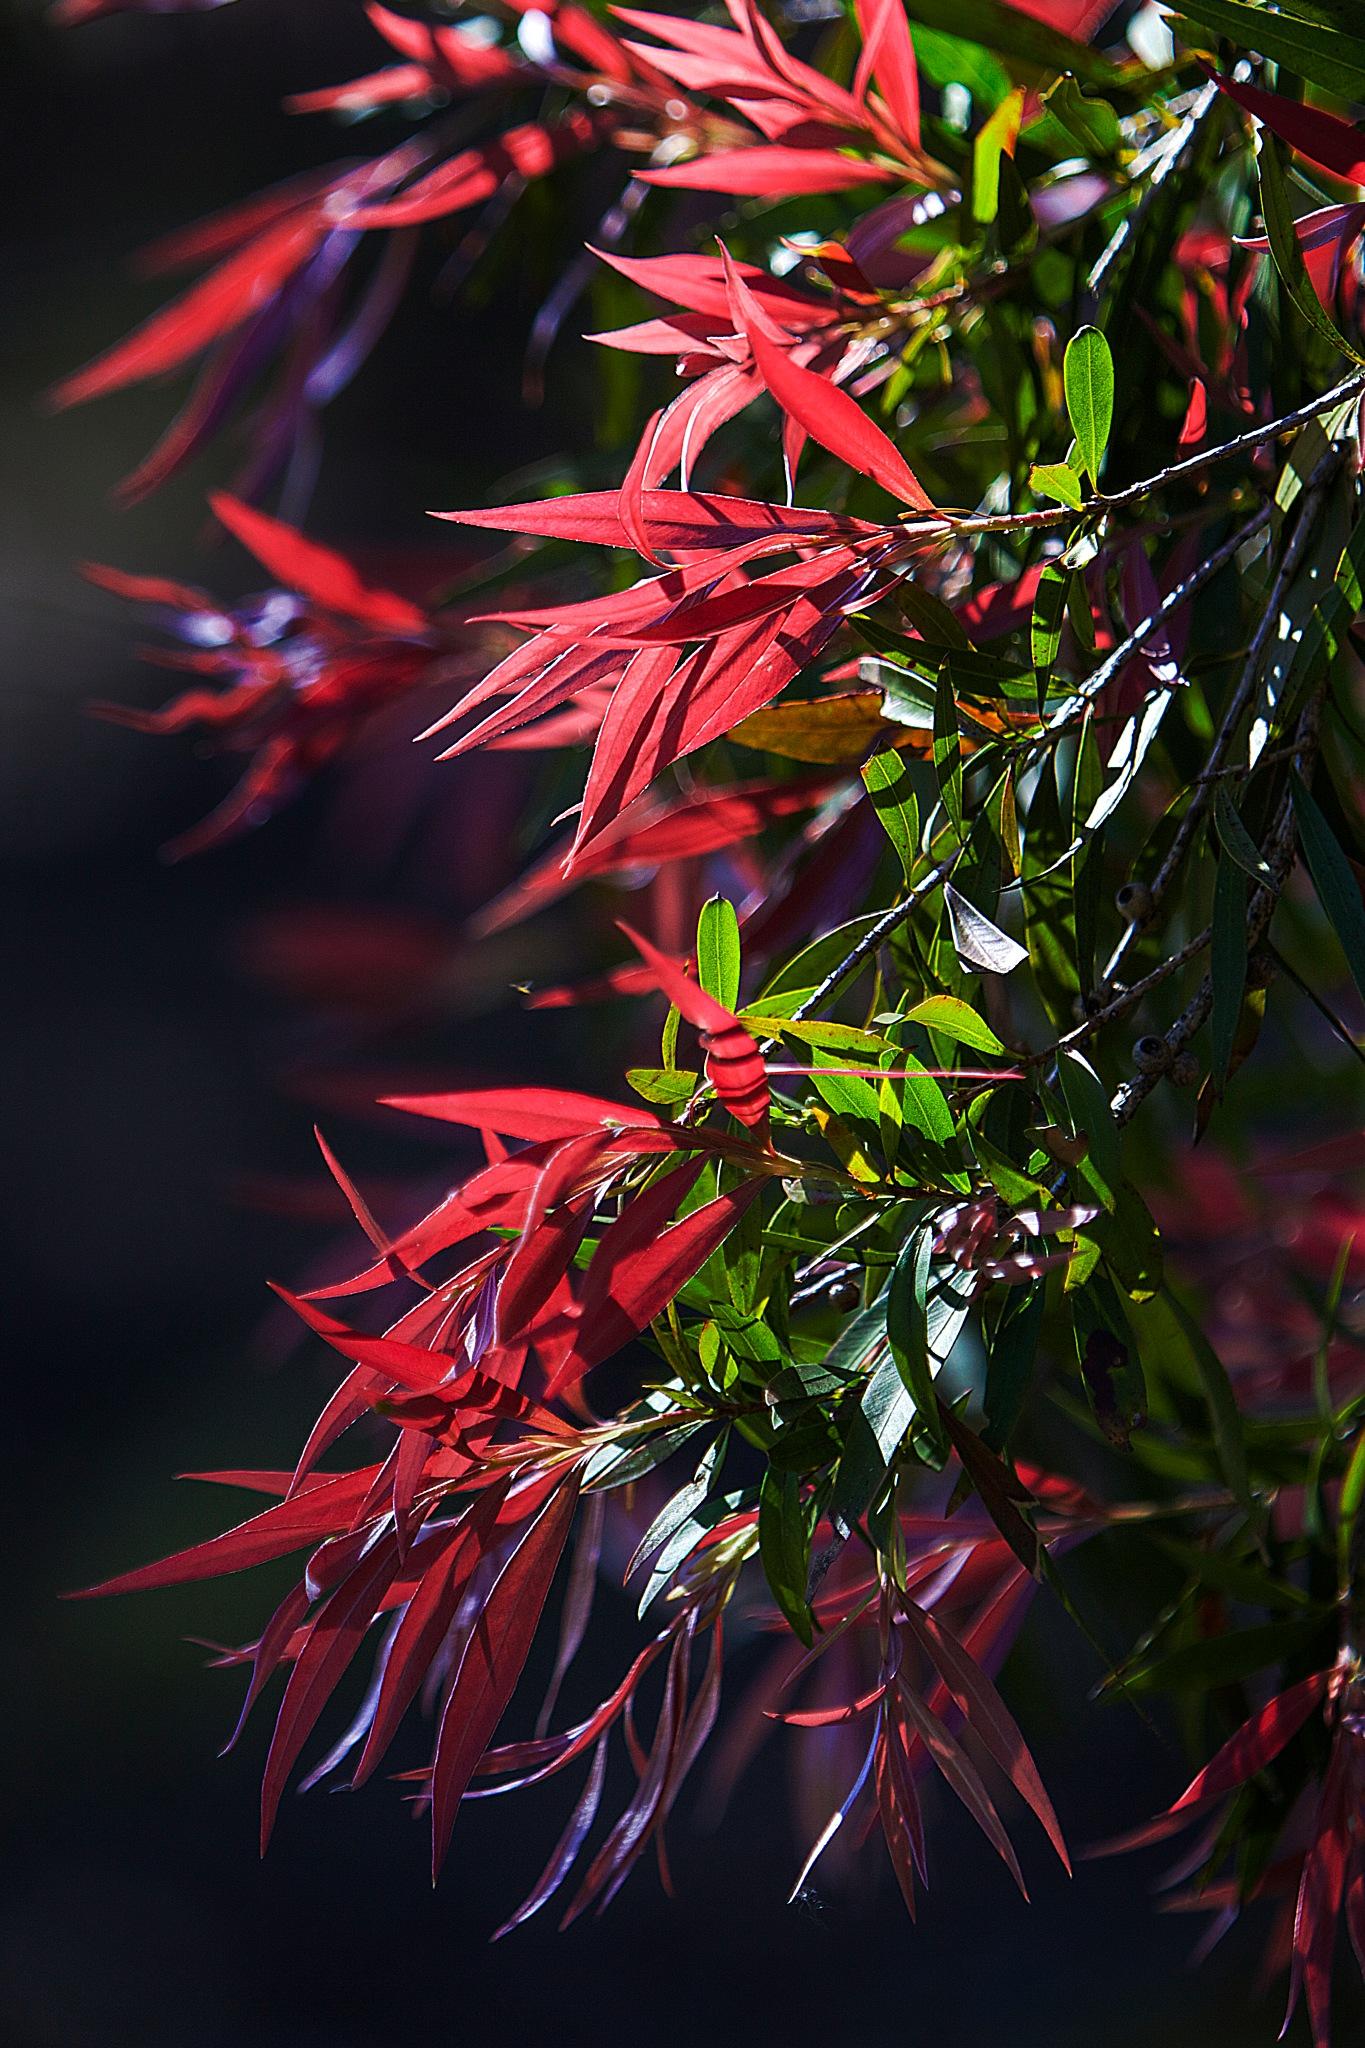 Leaves by RobbieP